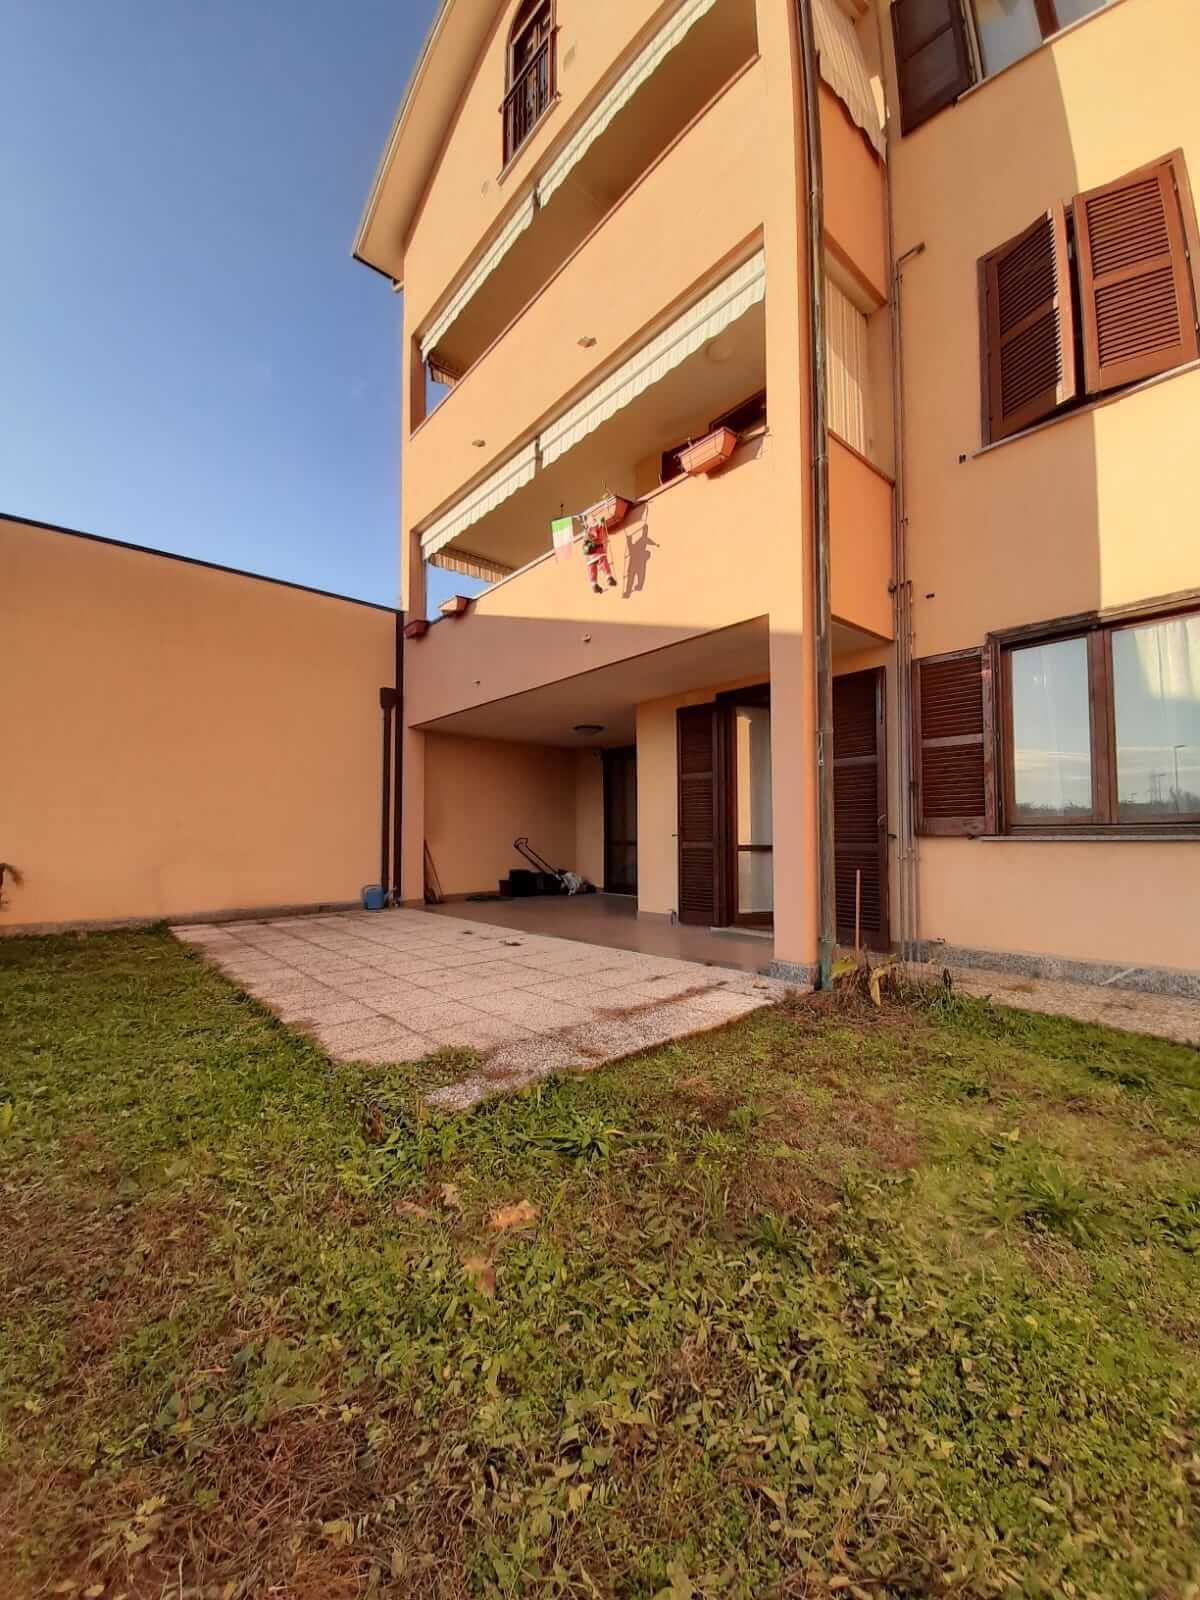 Trilo-quadrilocale con giardino a Castiglione Olona